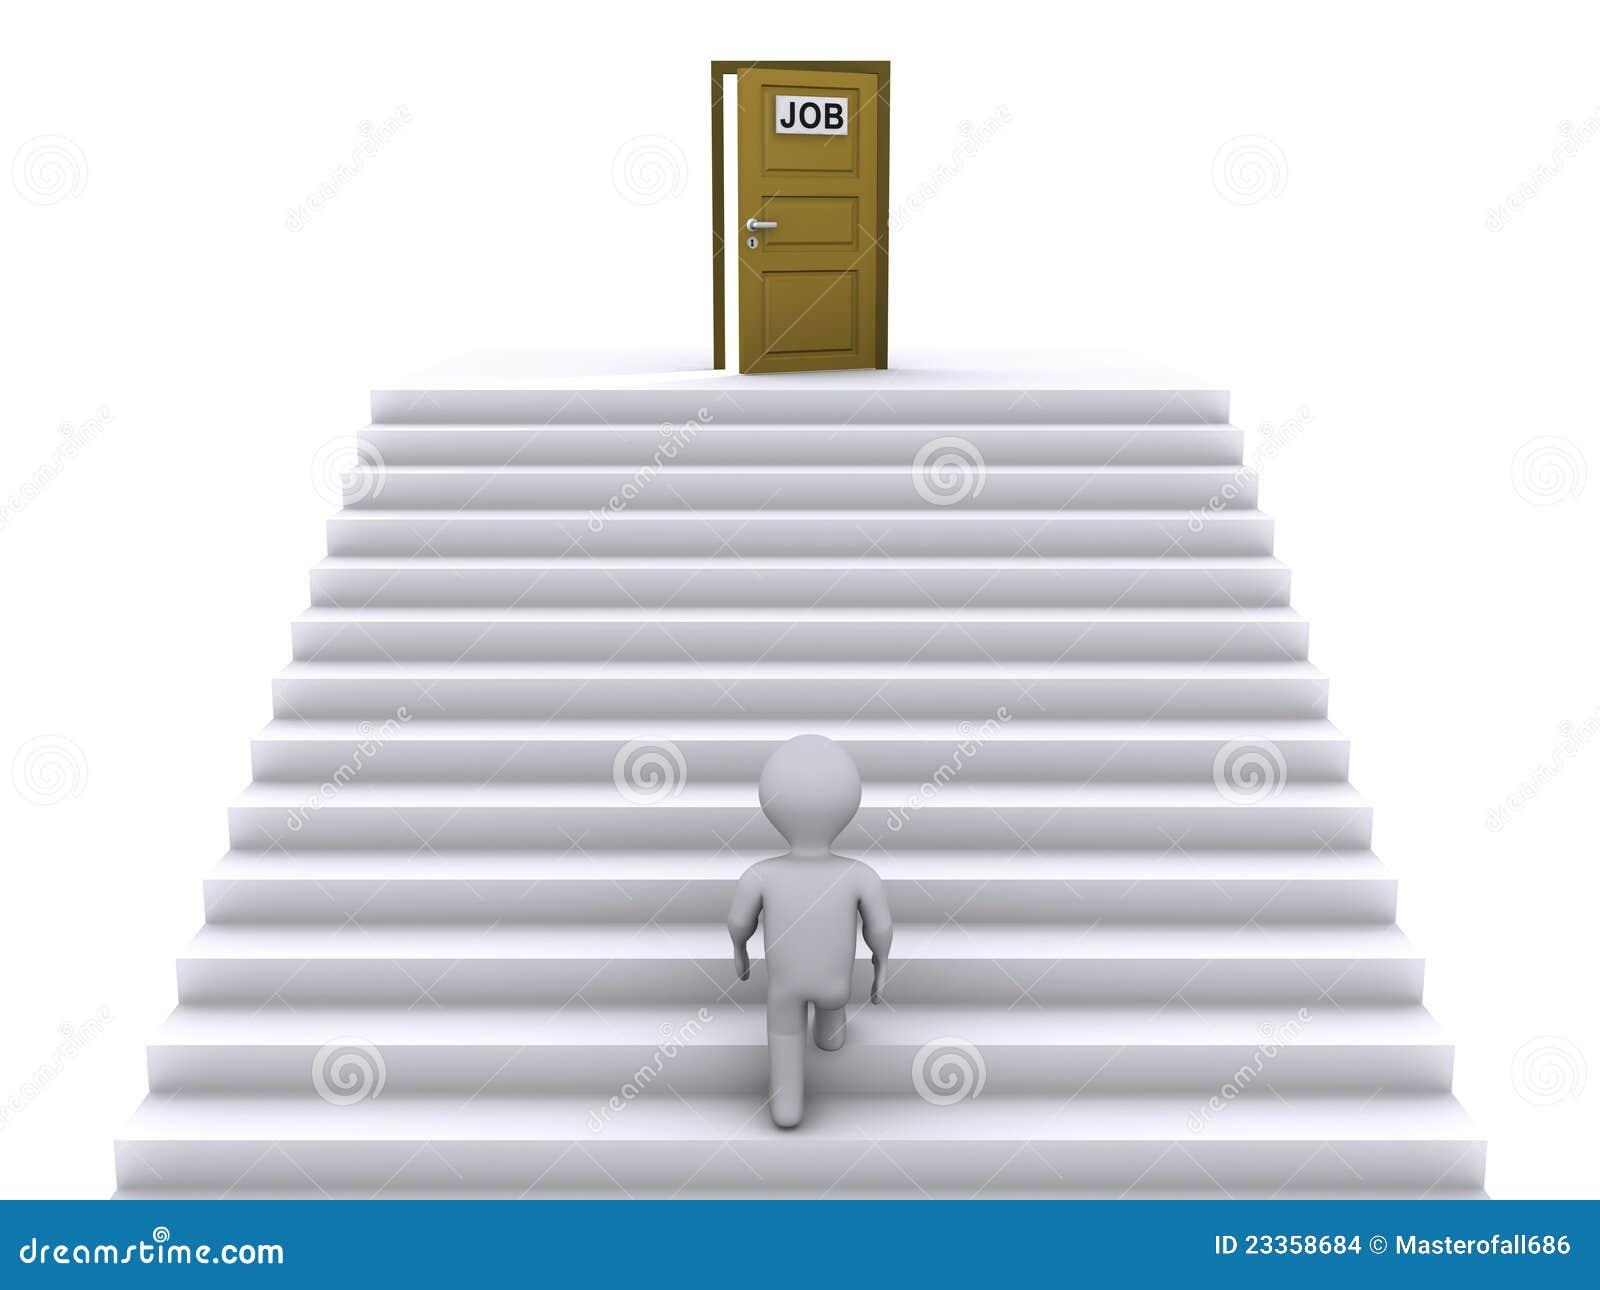 Escaleras que suben para encontrar trabajo imagenes de for Escaleras 3d max